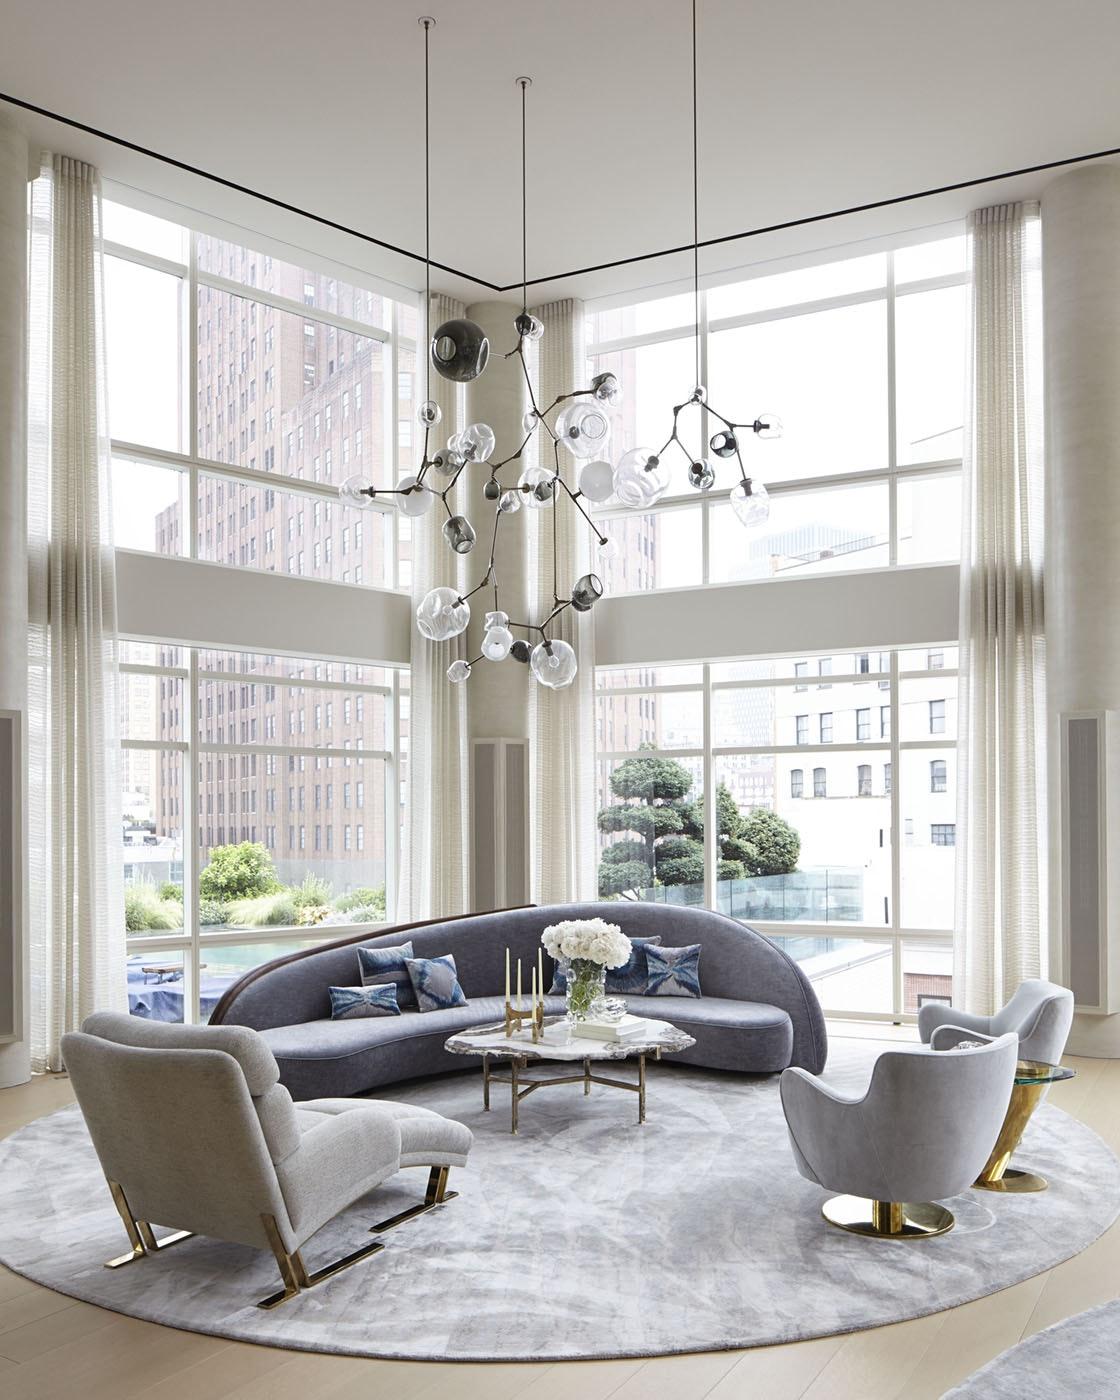 thiết kế phòng khách trần cao